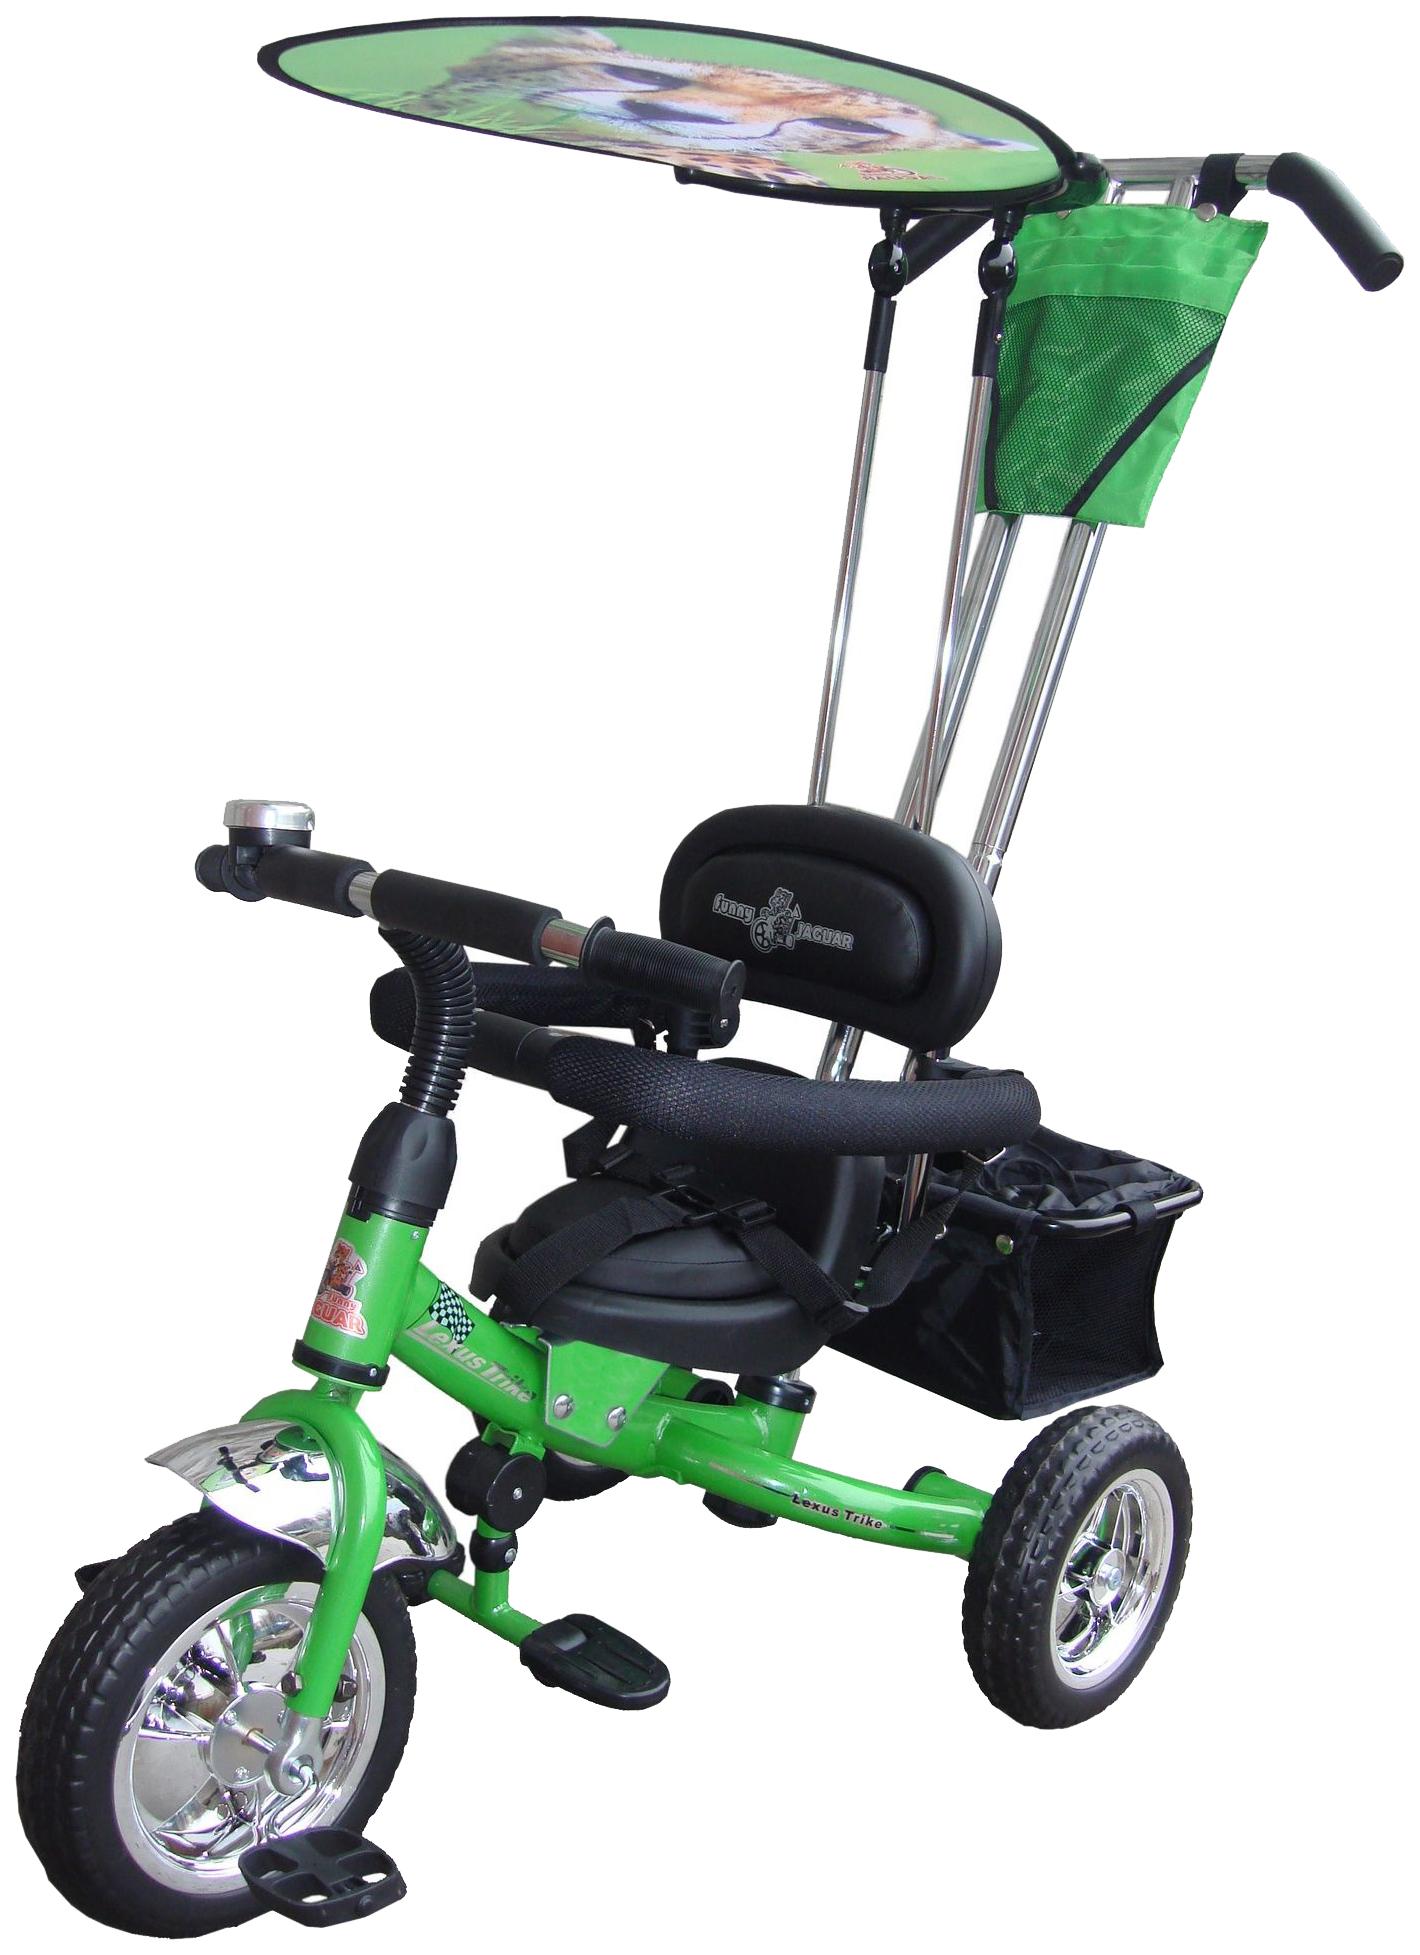 Купить Трехколесный велосипед Funny Jaguar Lexus Trike Original Volt зеленый, Детские велосипеды-коляски